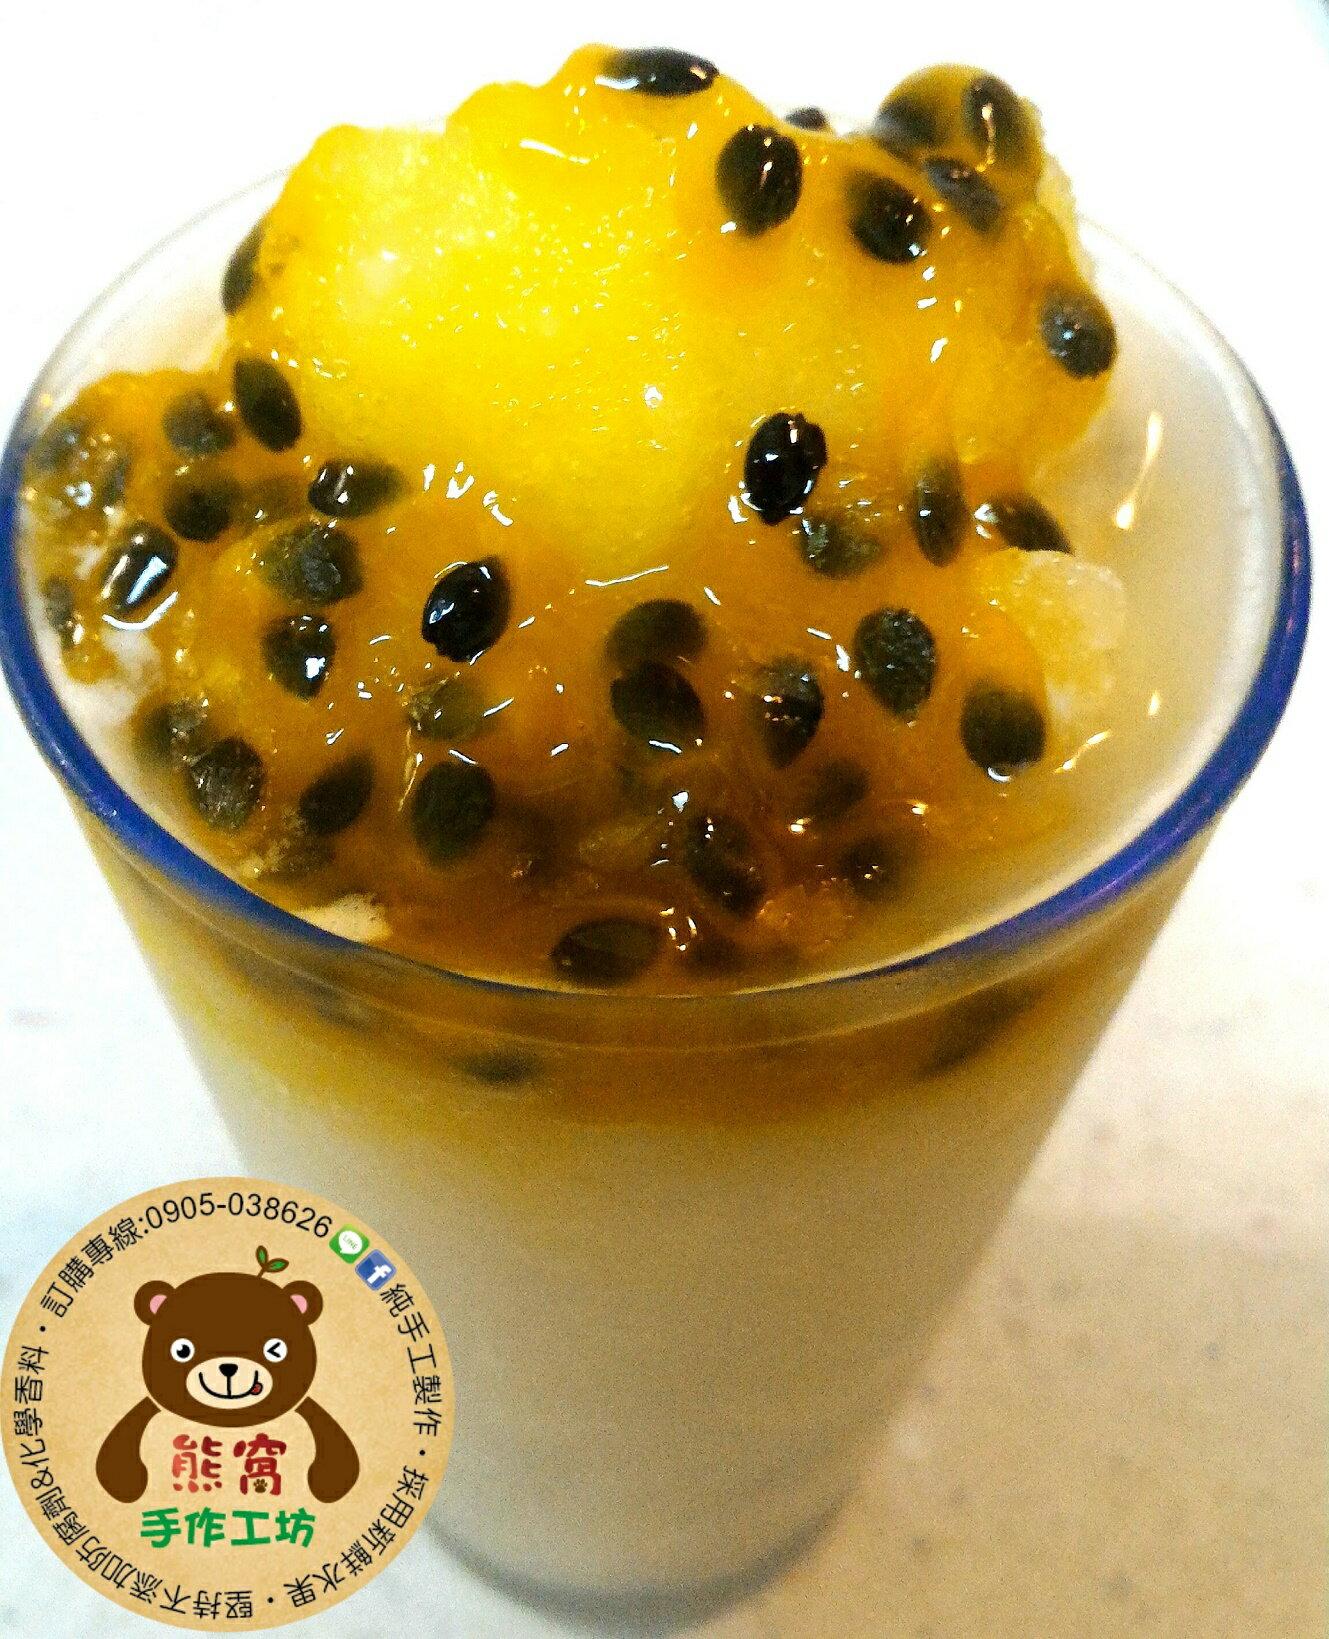 熊窩手作工坊-堅持純手工製作~100%原汁原味~百香果鮮水果醬~特價180元 2